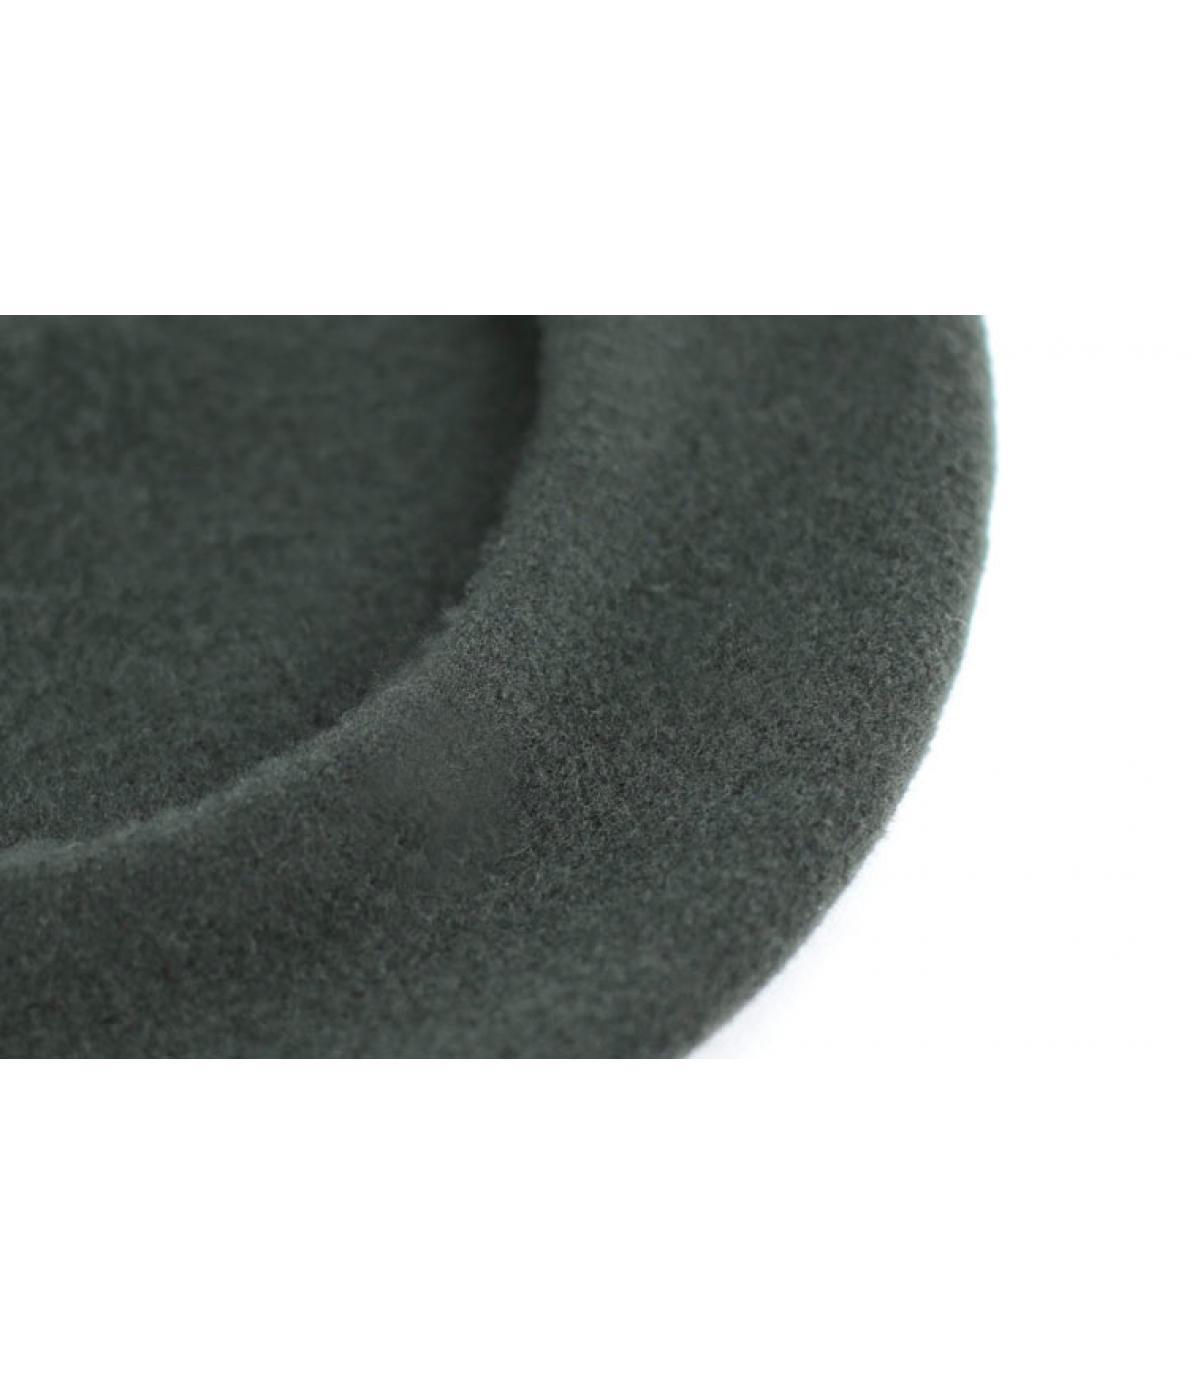 Details Beret paris anthracite - Abbildung 4